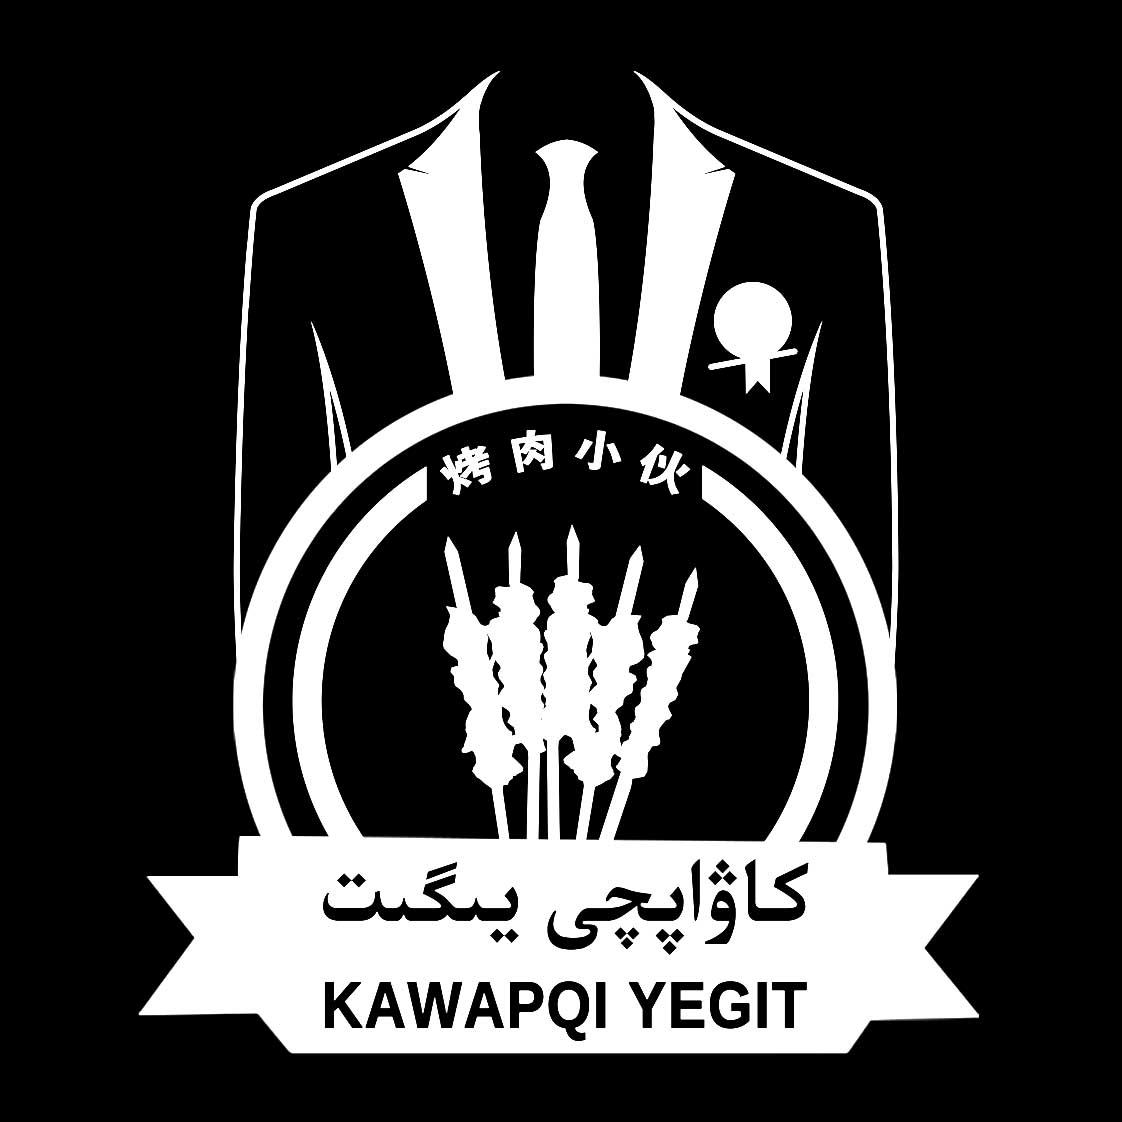 商标文字烤肉小伙 KAWAPQIYEGIT商标注册号 32122095、商标申请人买尔旦?麦麦提祖农的商标详情 - 标库网商标查询